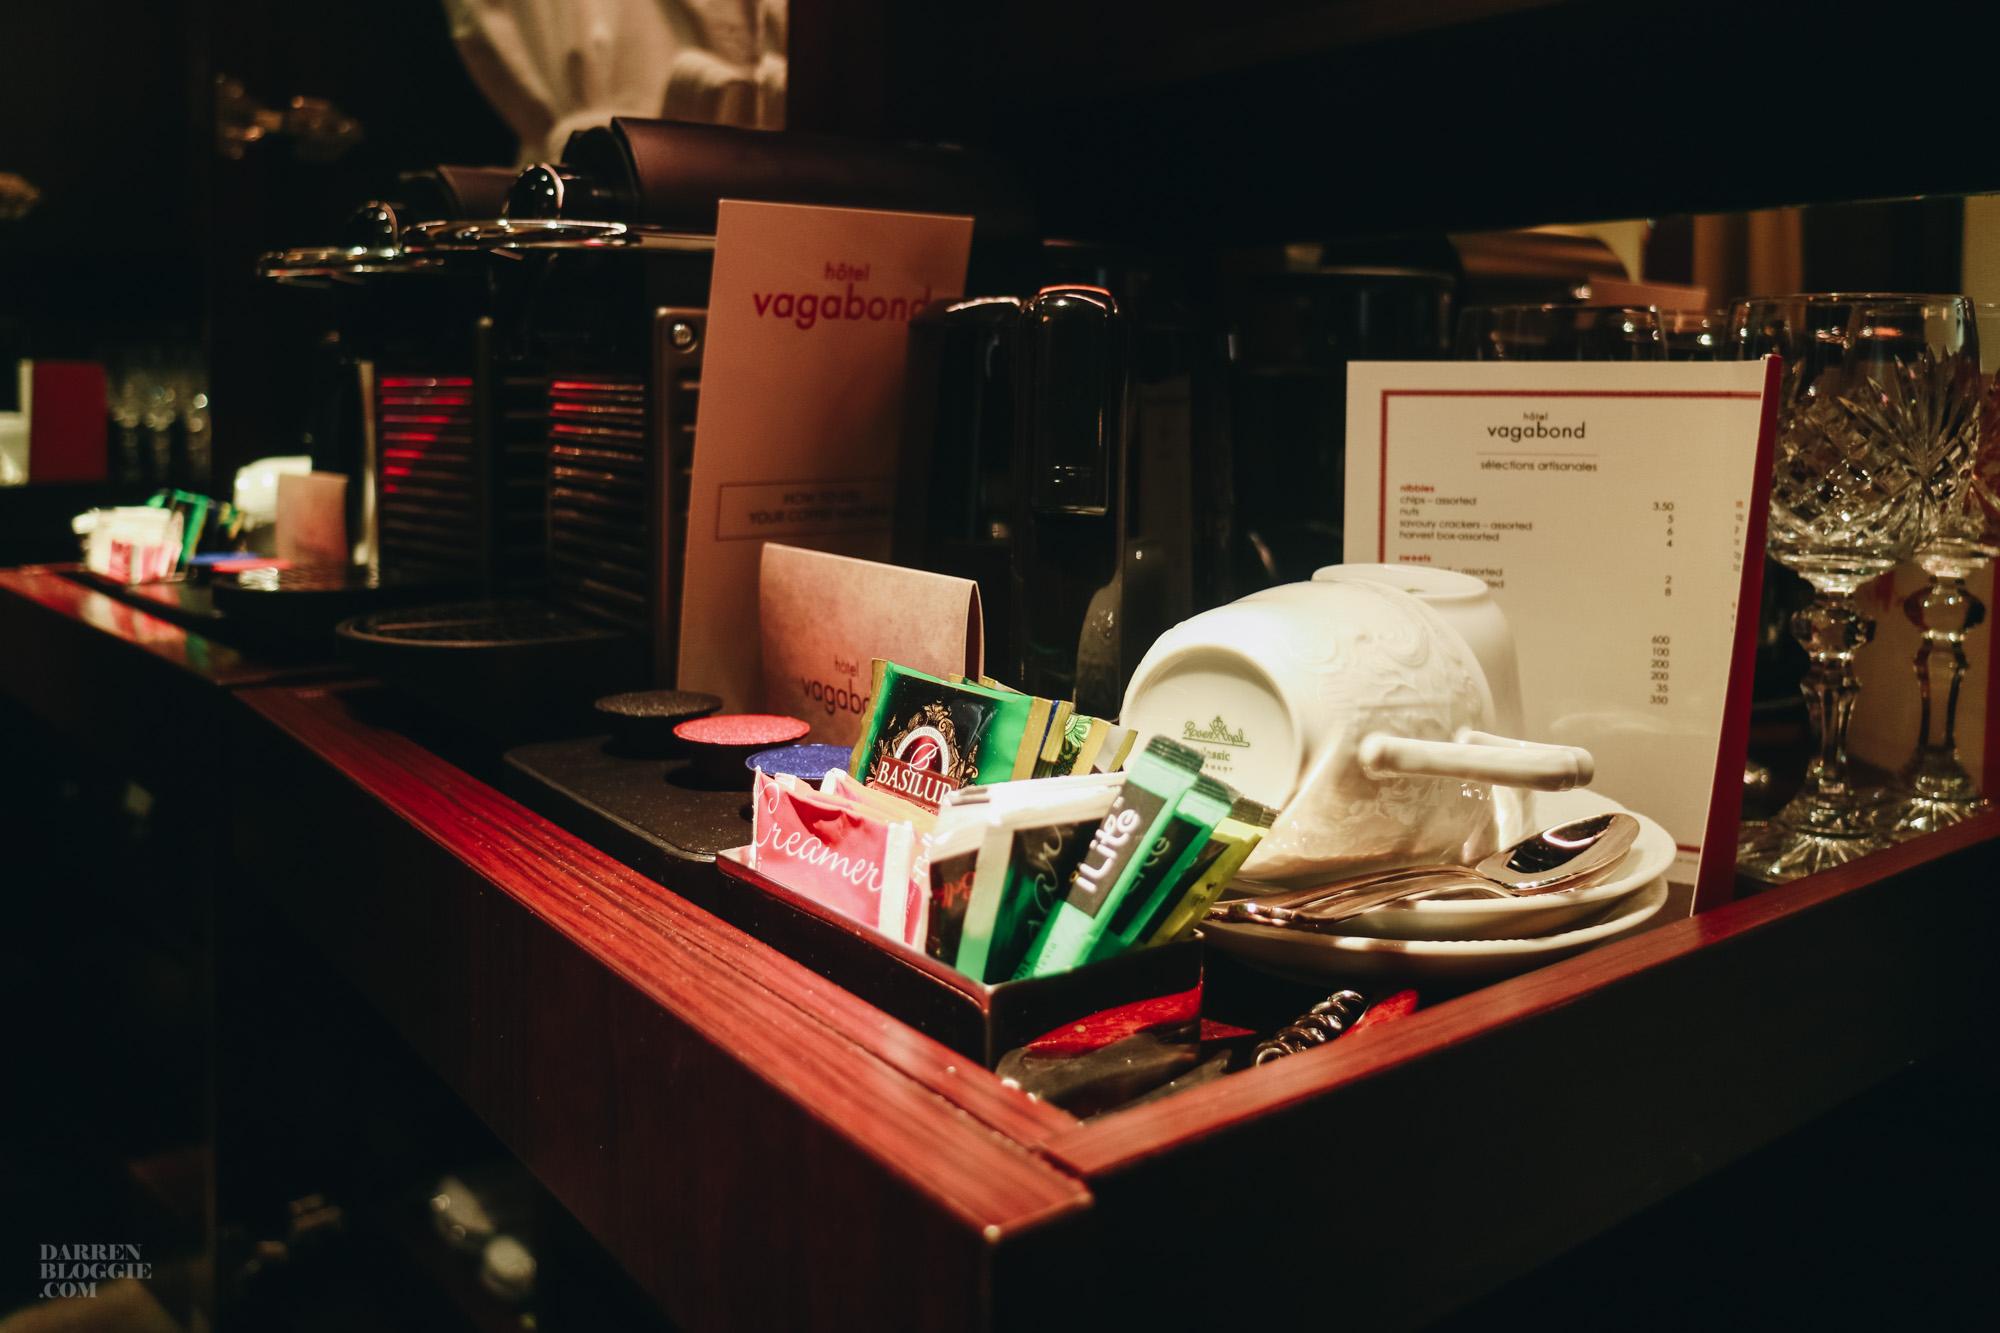 hotel vagabond singapore a tribute portfolio hotel-16